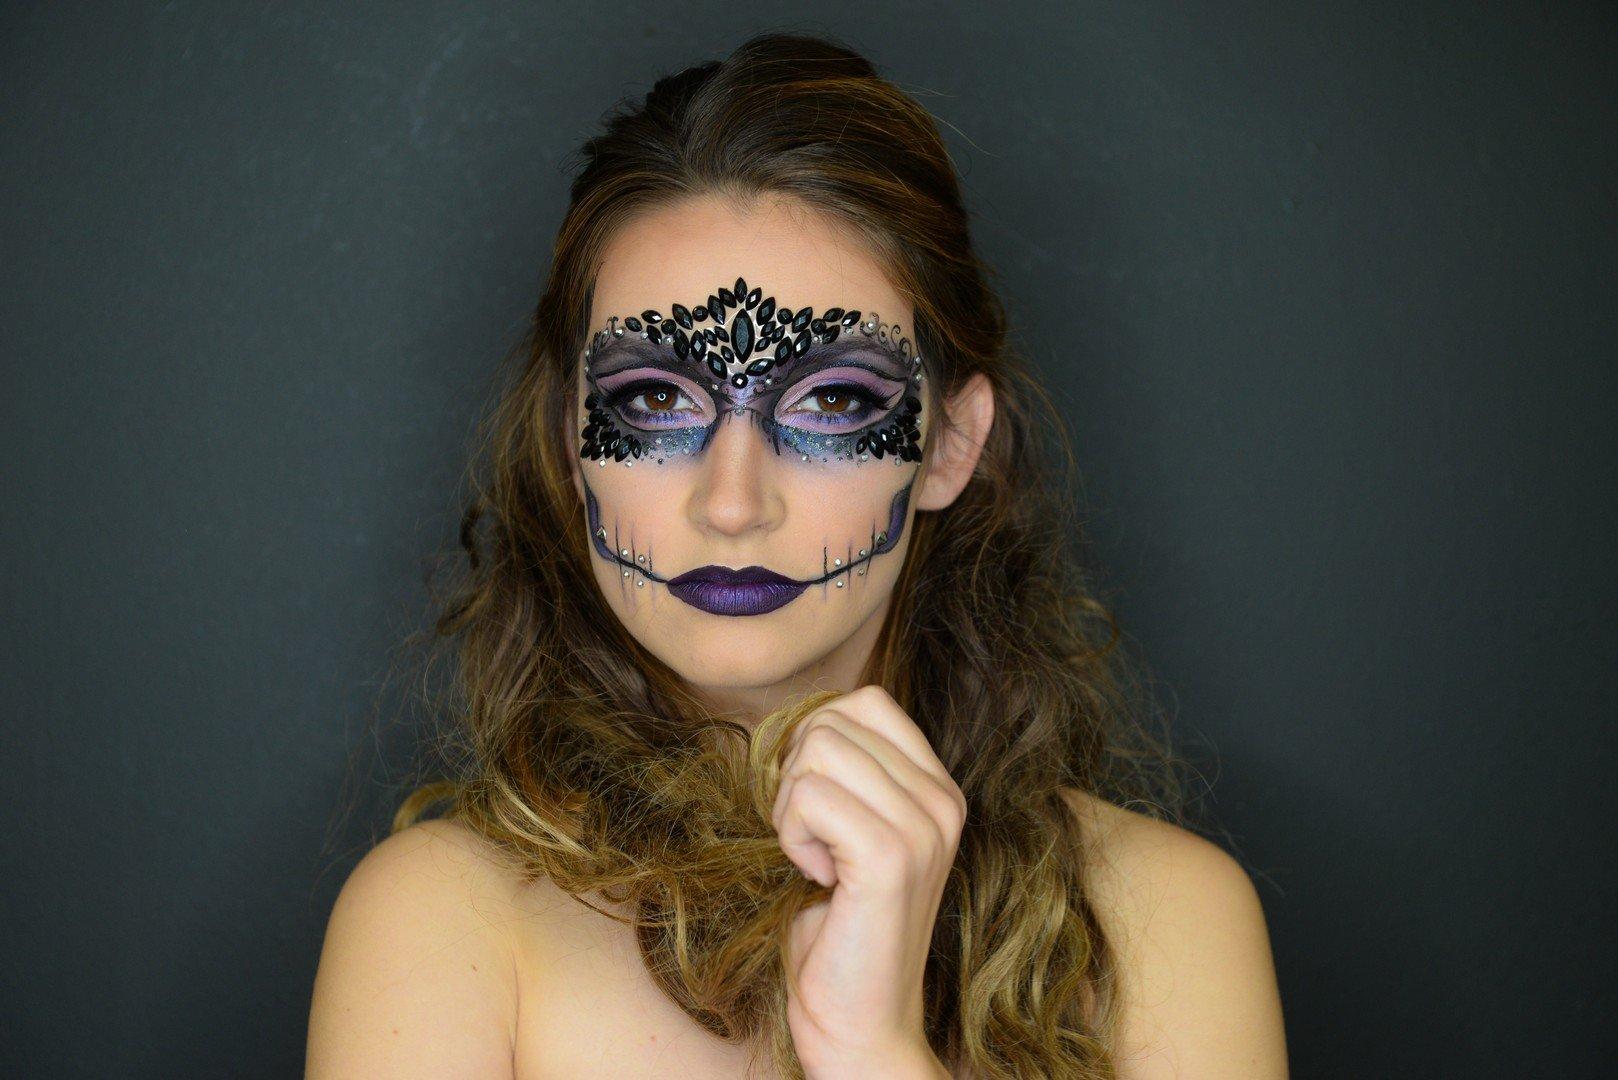 Familie'-actrice en RTV-gezicht Jasmijn Van Hoof houdt van Halloween - Jasmijn Van Hoof 1